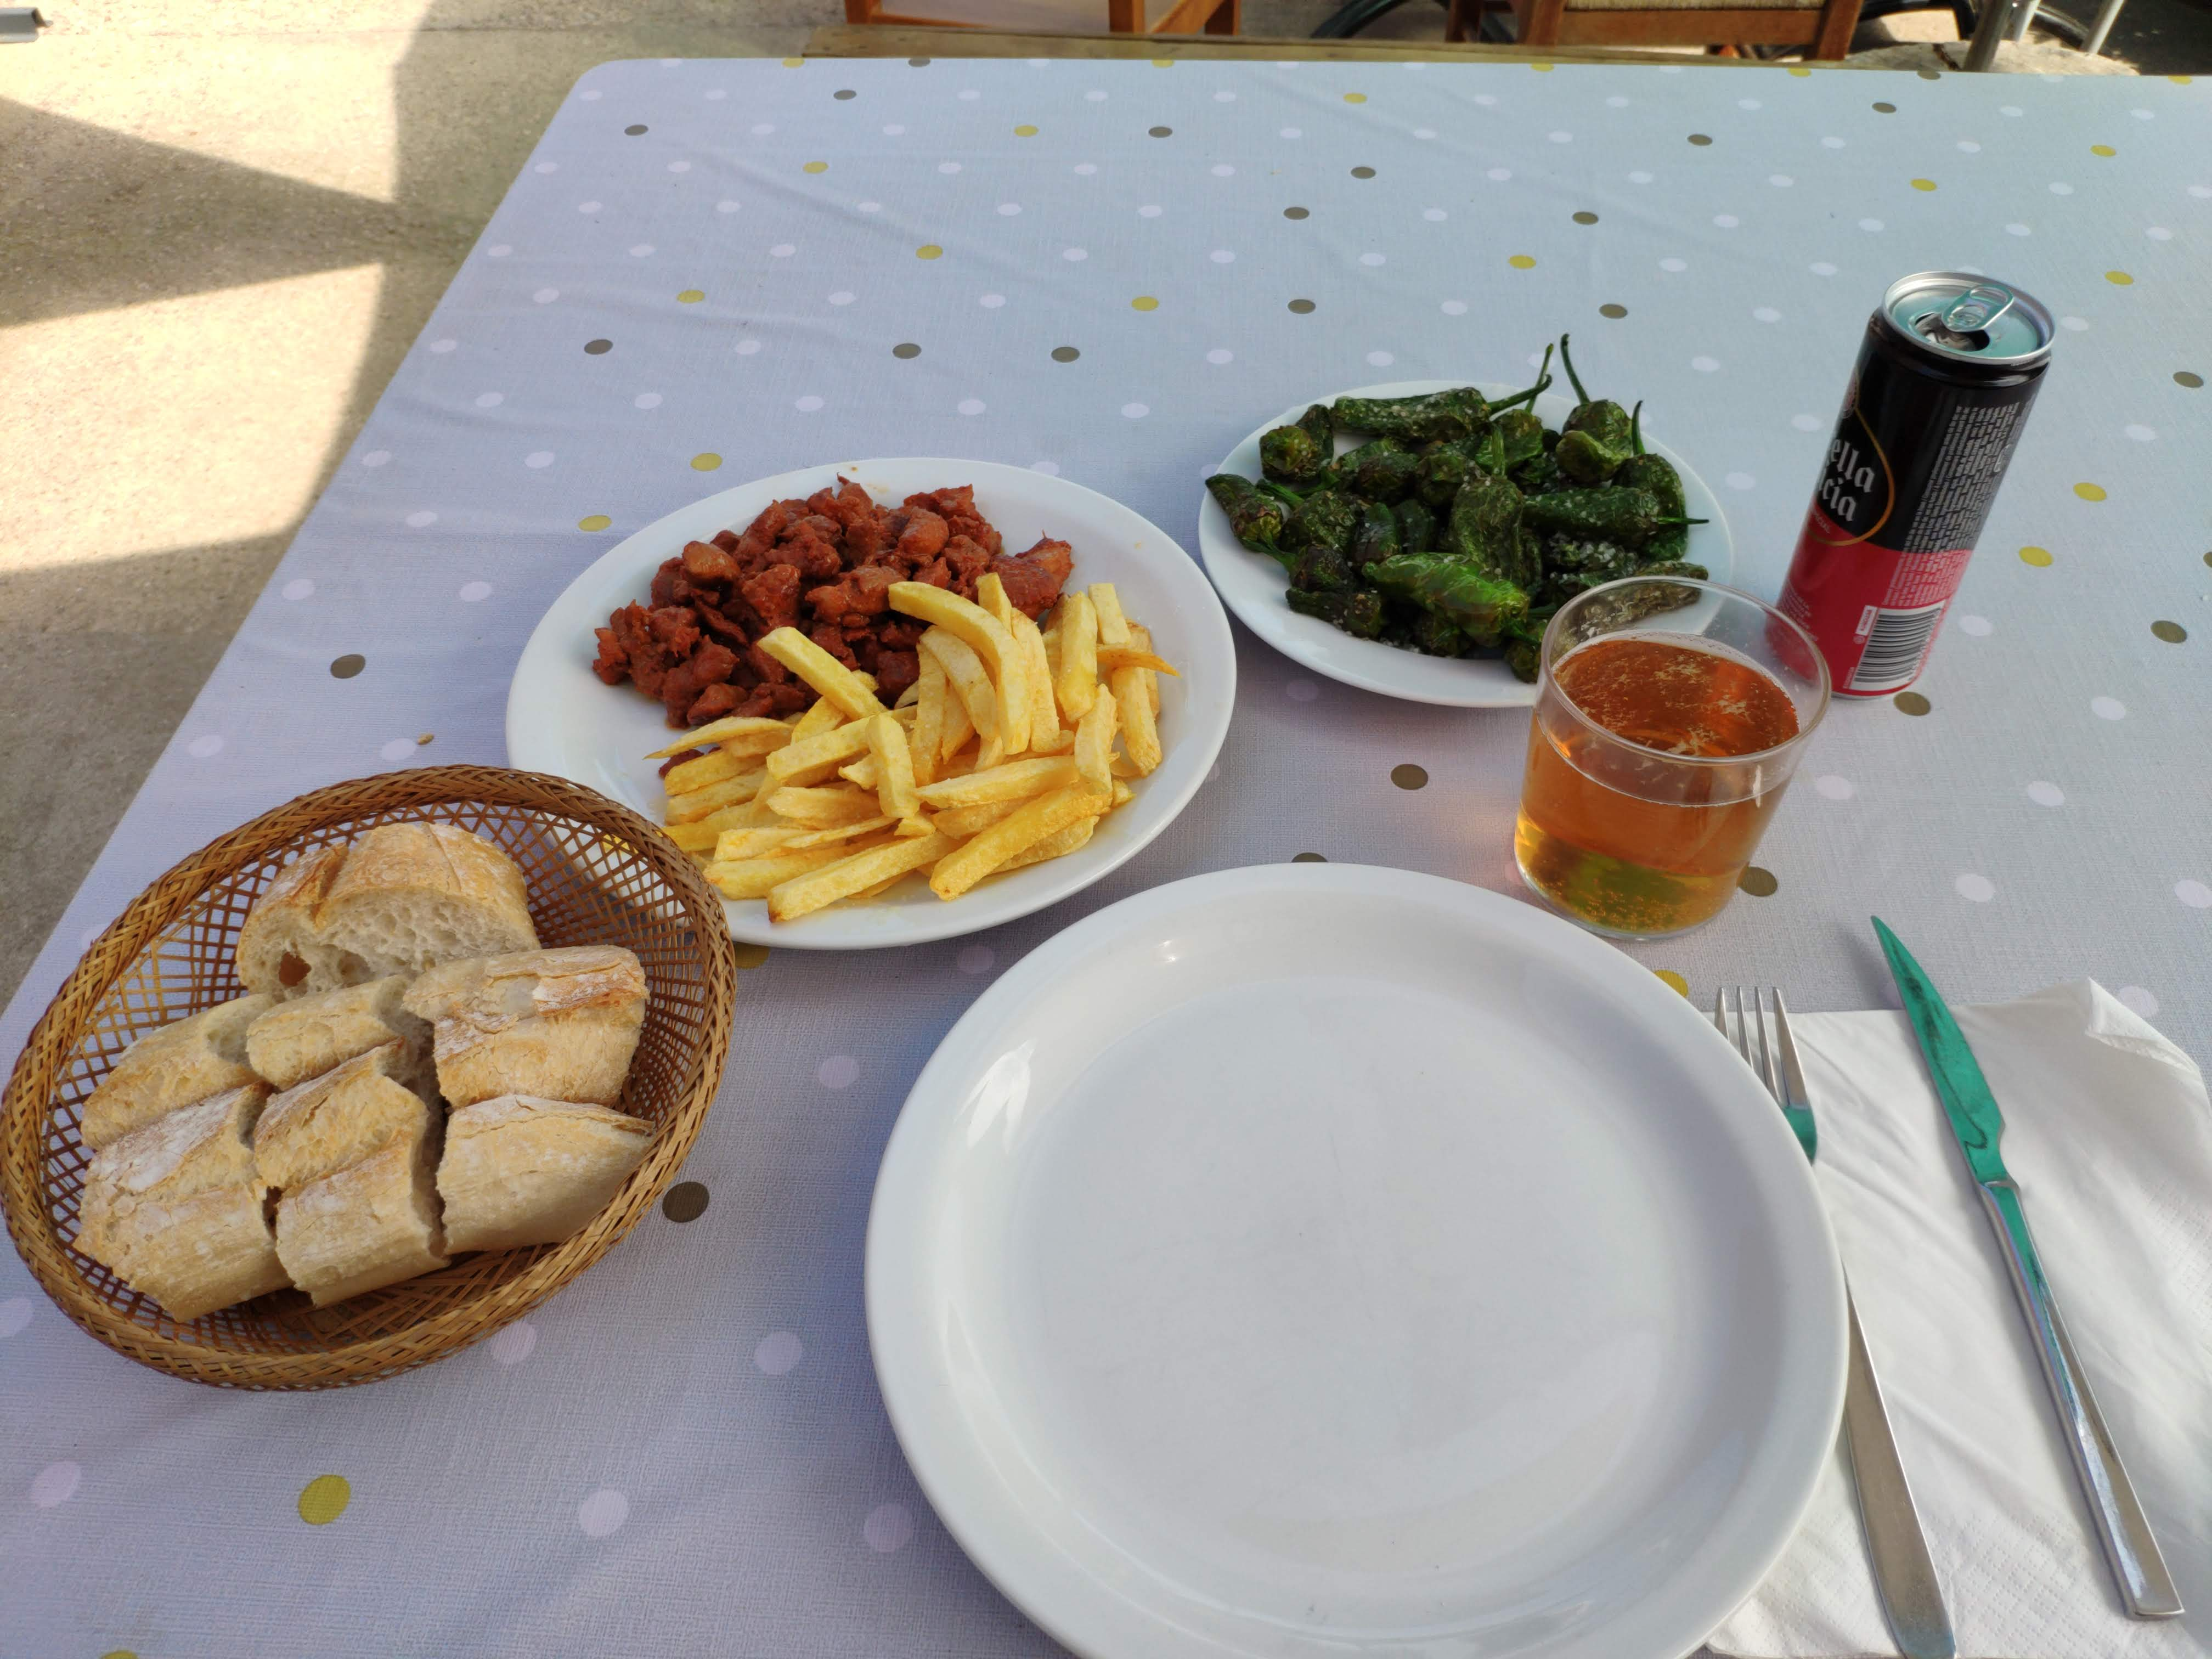 https://foodloader.net/nico_2020-09-13_pimientos-de-padron-und-zorza-mit-pommes-und-brot.jpg